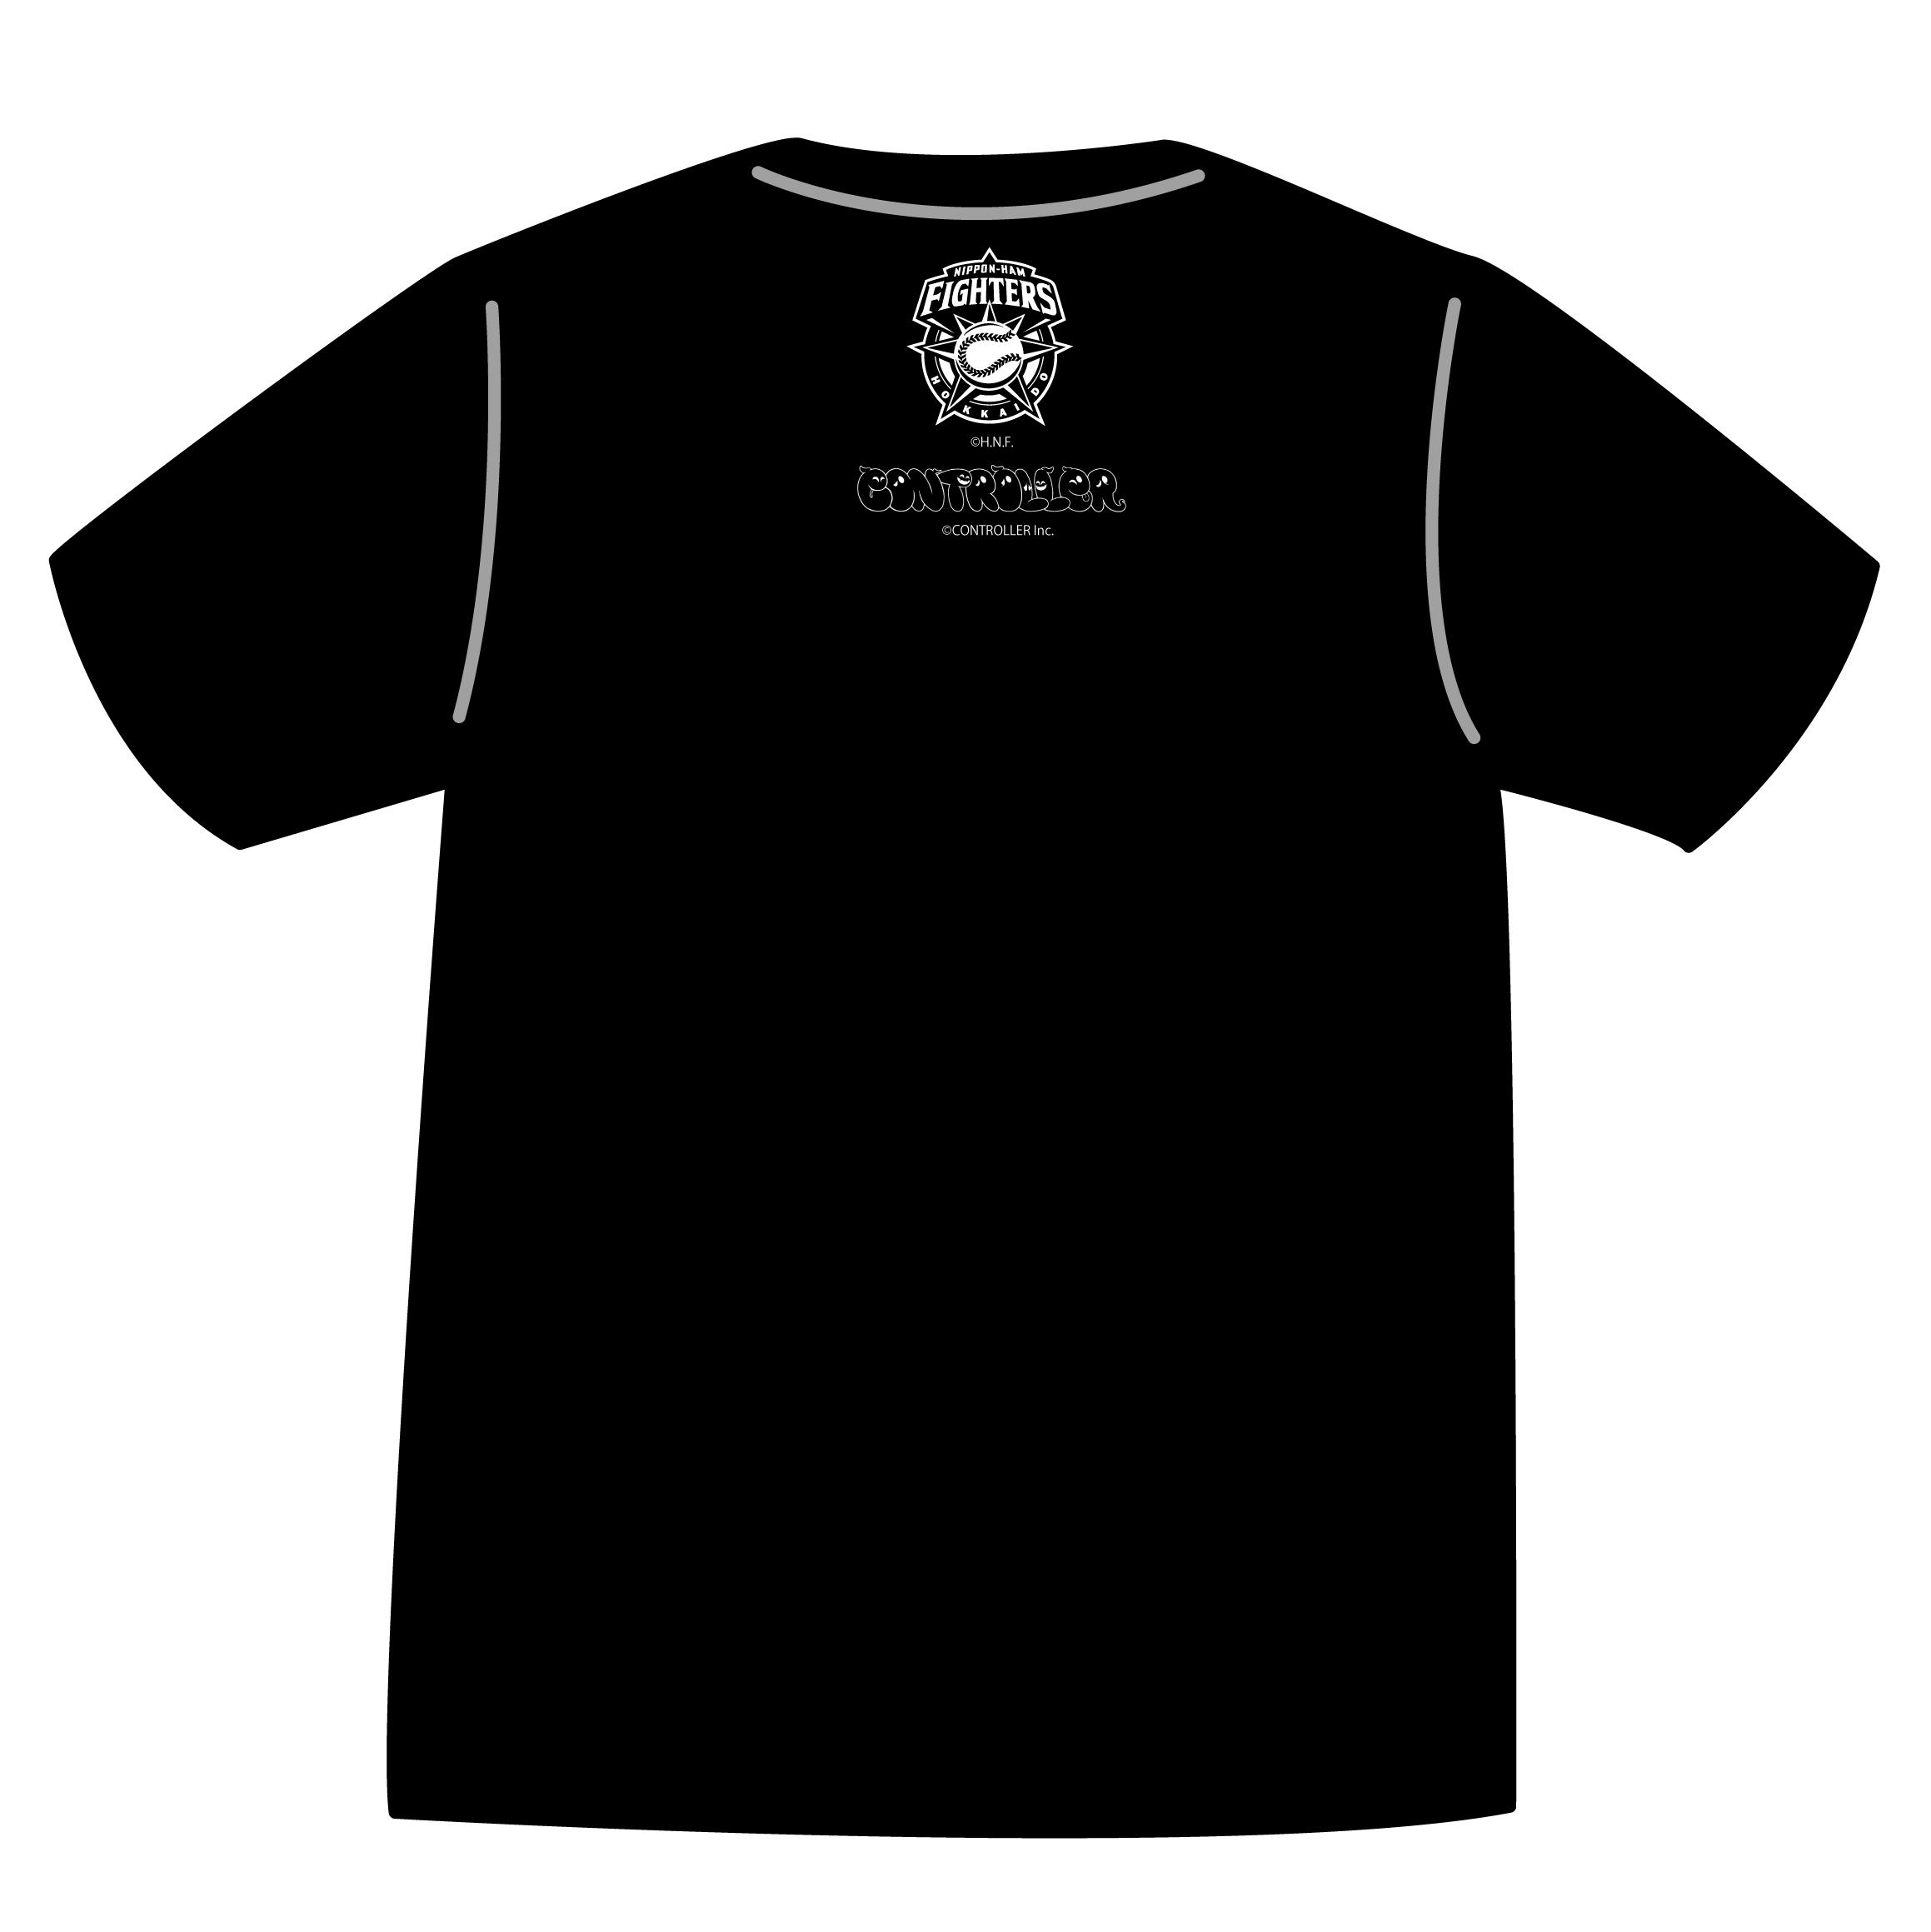 ドットファイターズ 「 びーびー 」  Tシャツ ブラック